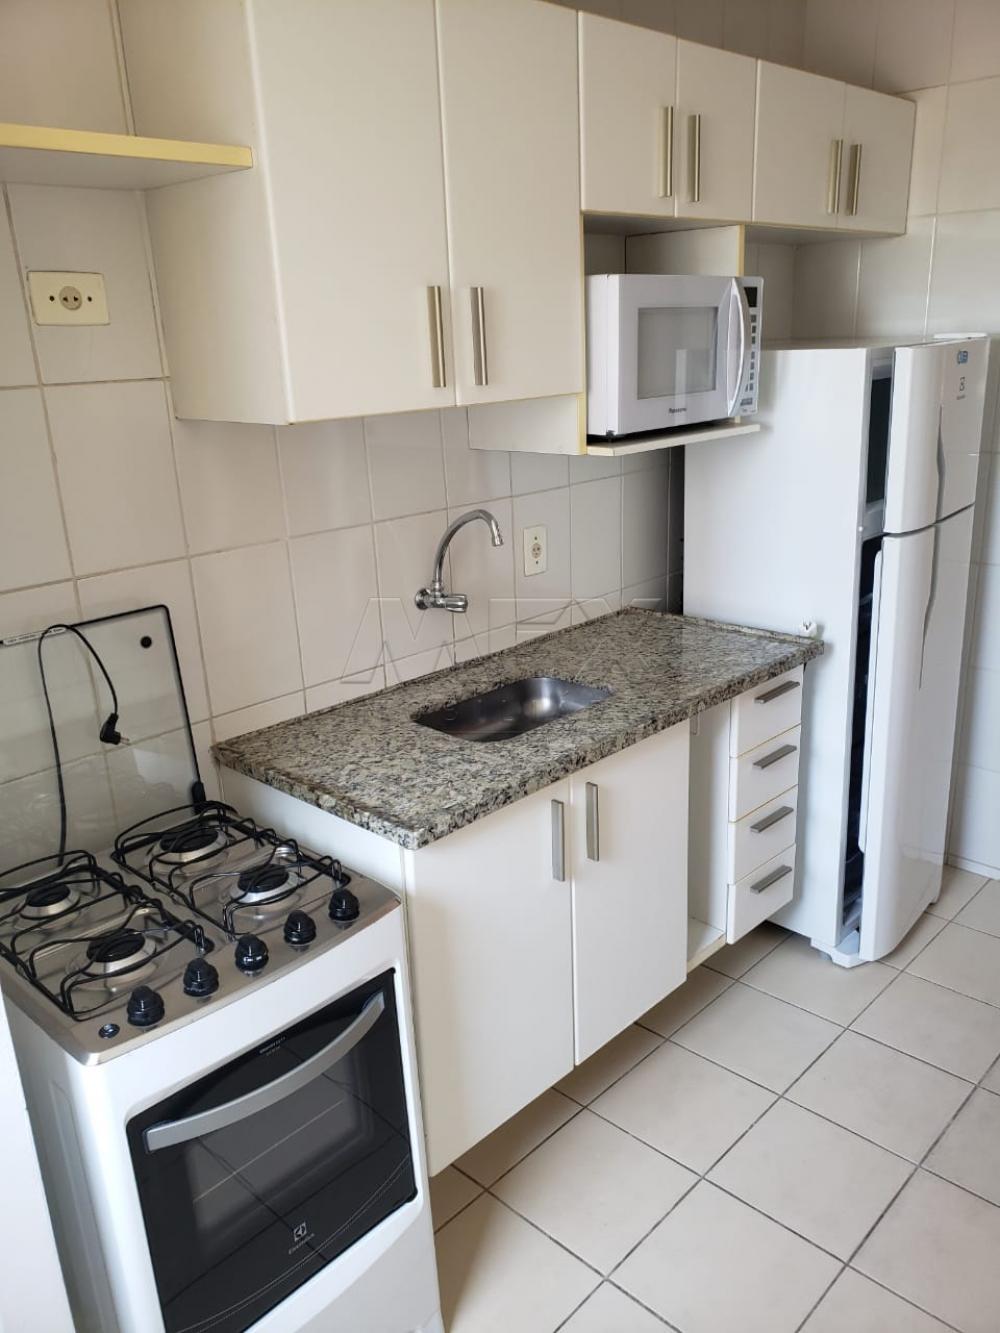 Alugar Apartamento / Padrão em Bauru apenas R$ 1.550,00 - Foto 6